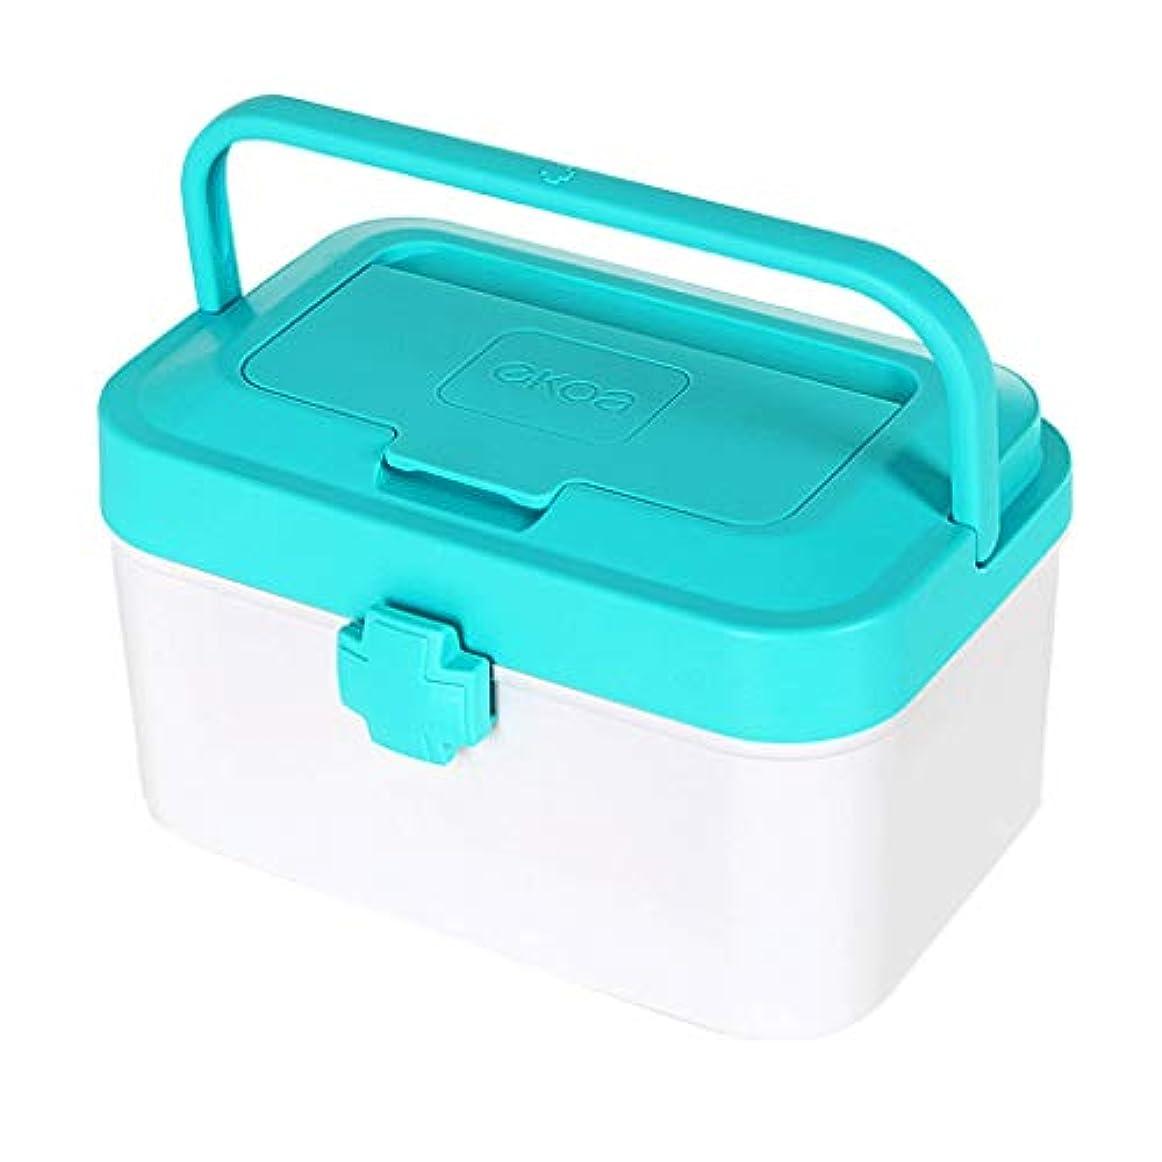 彫る電話をかける主導権ピルボックスPP 24 * 14.5 * 15 cm家庭用薬ボックス薬収納ボックス (色 : 青)